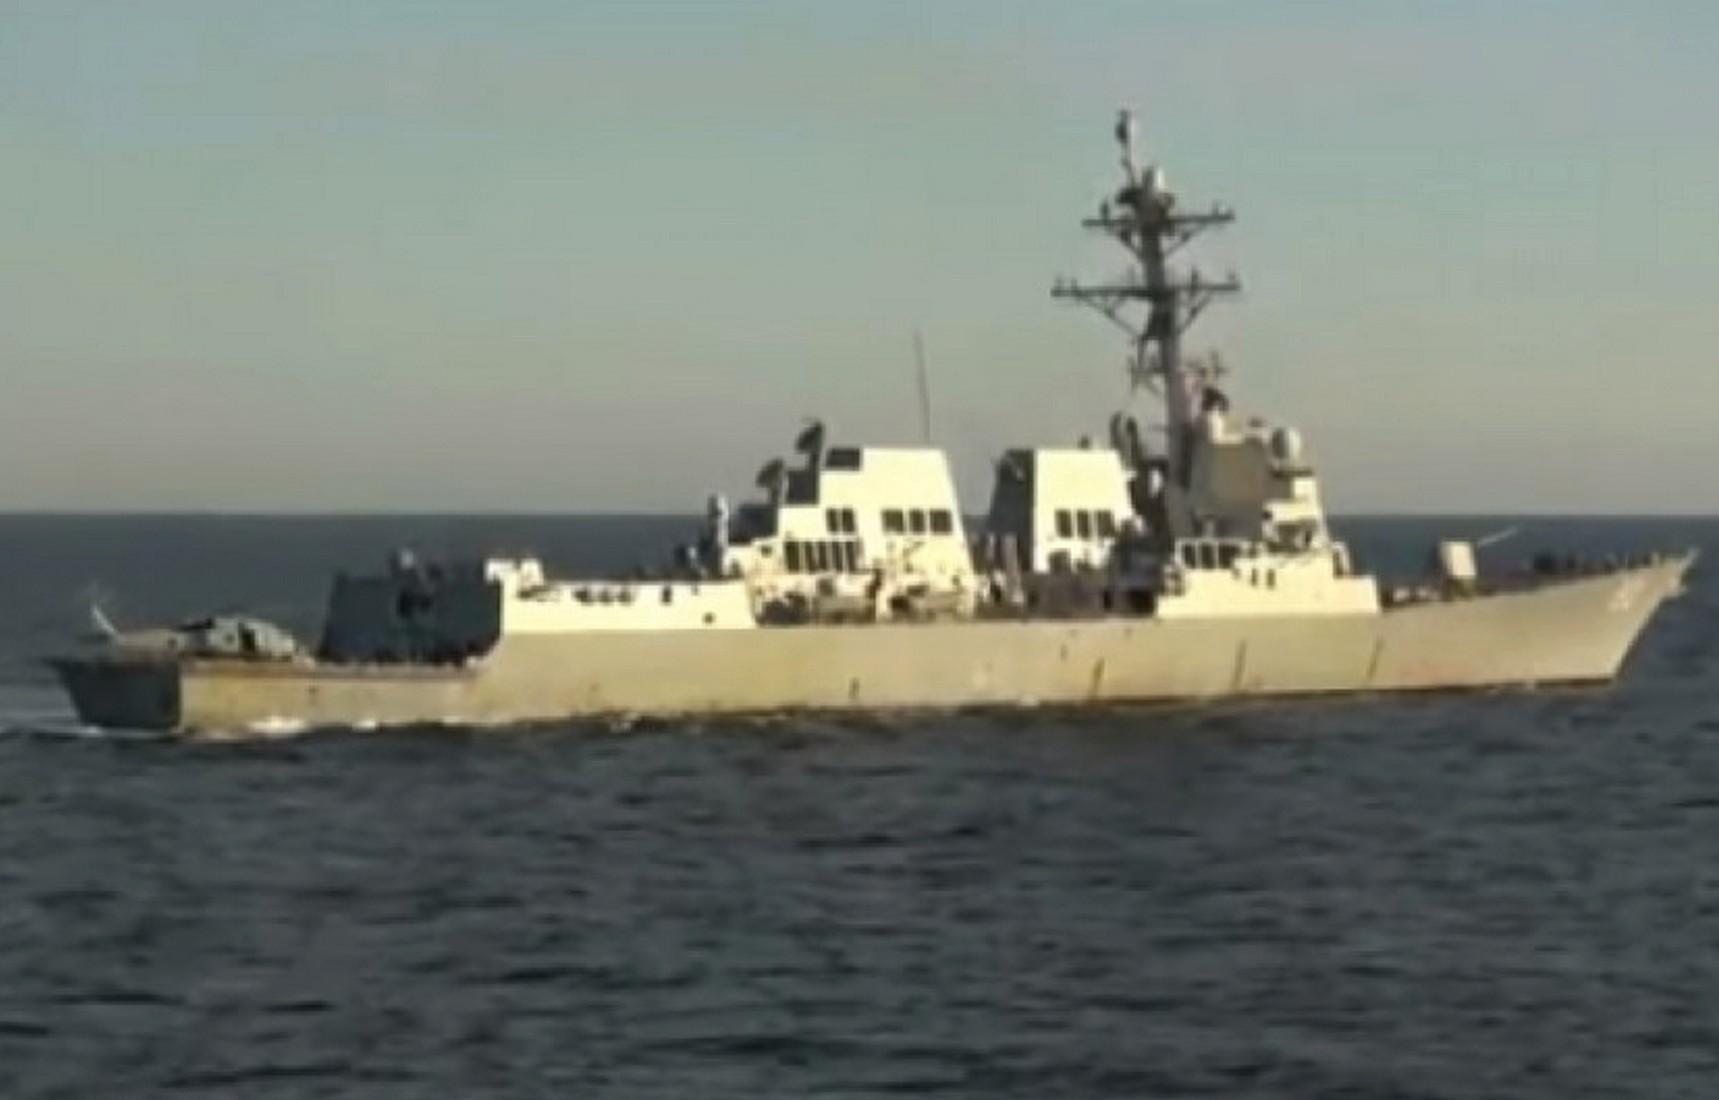 Опубликовано видео с эсминцем США, который вытеснили в нейтральные воды в районе Владивостока